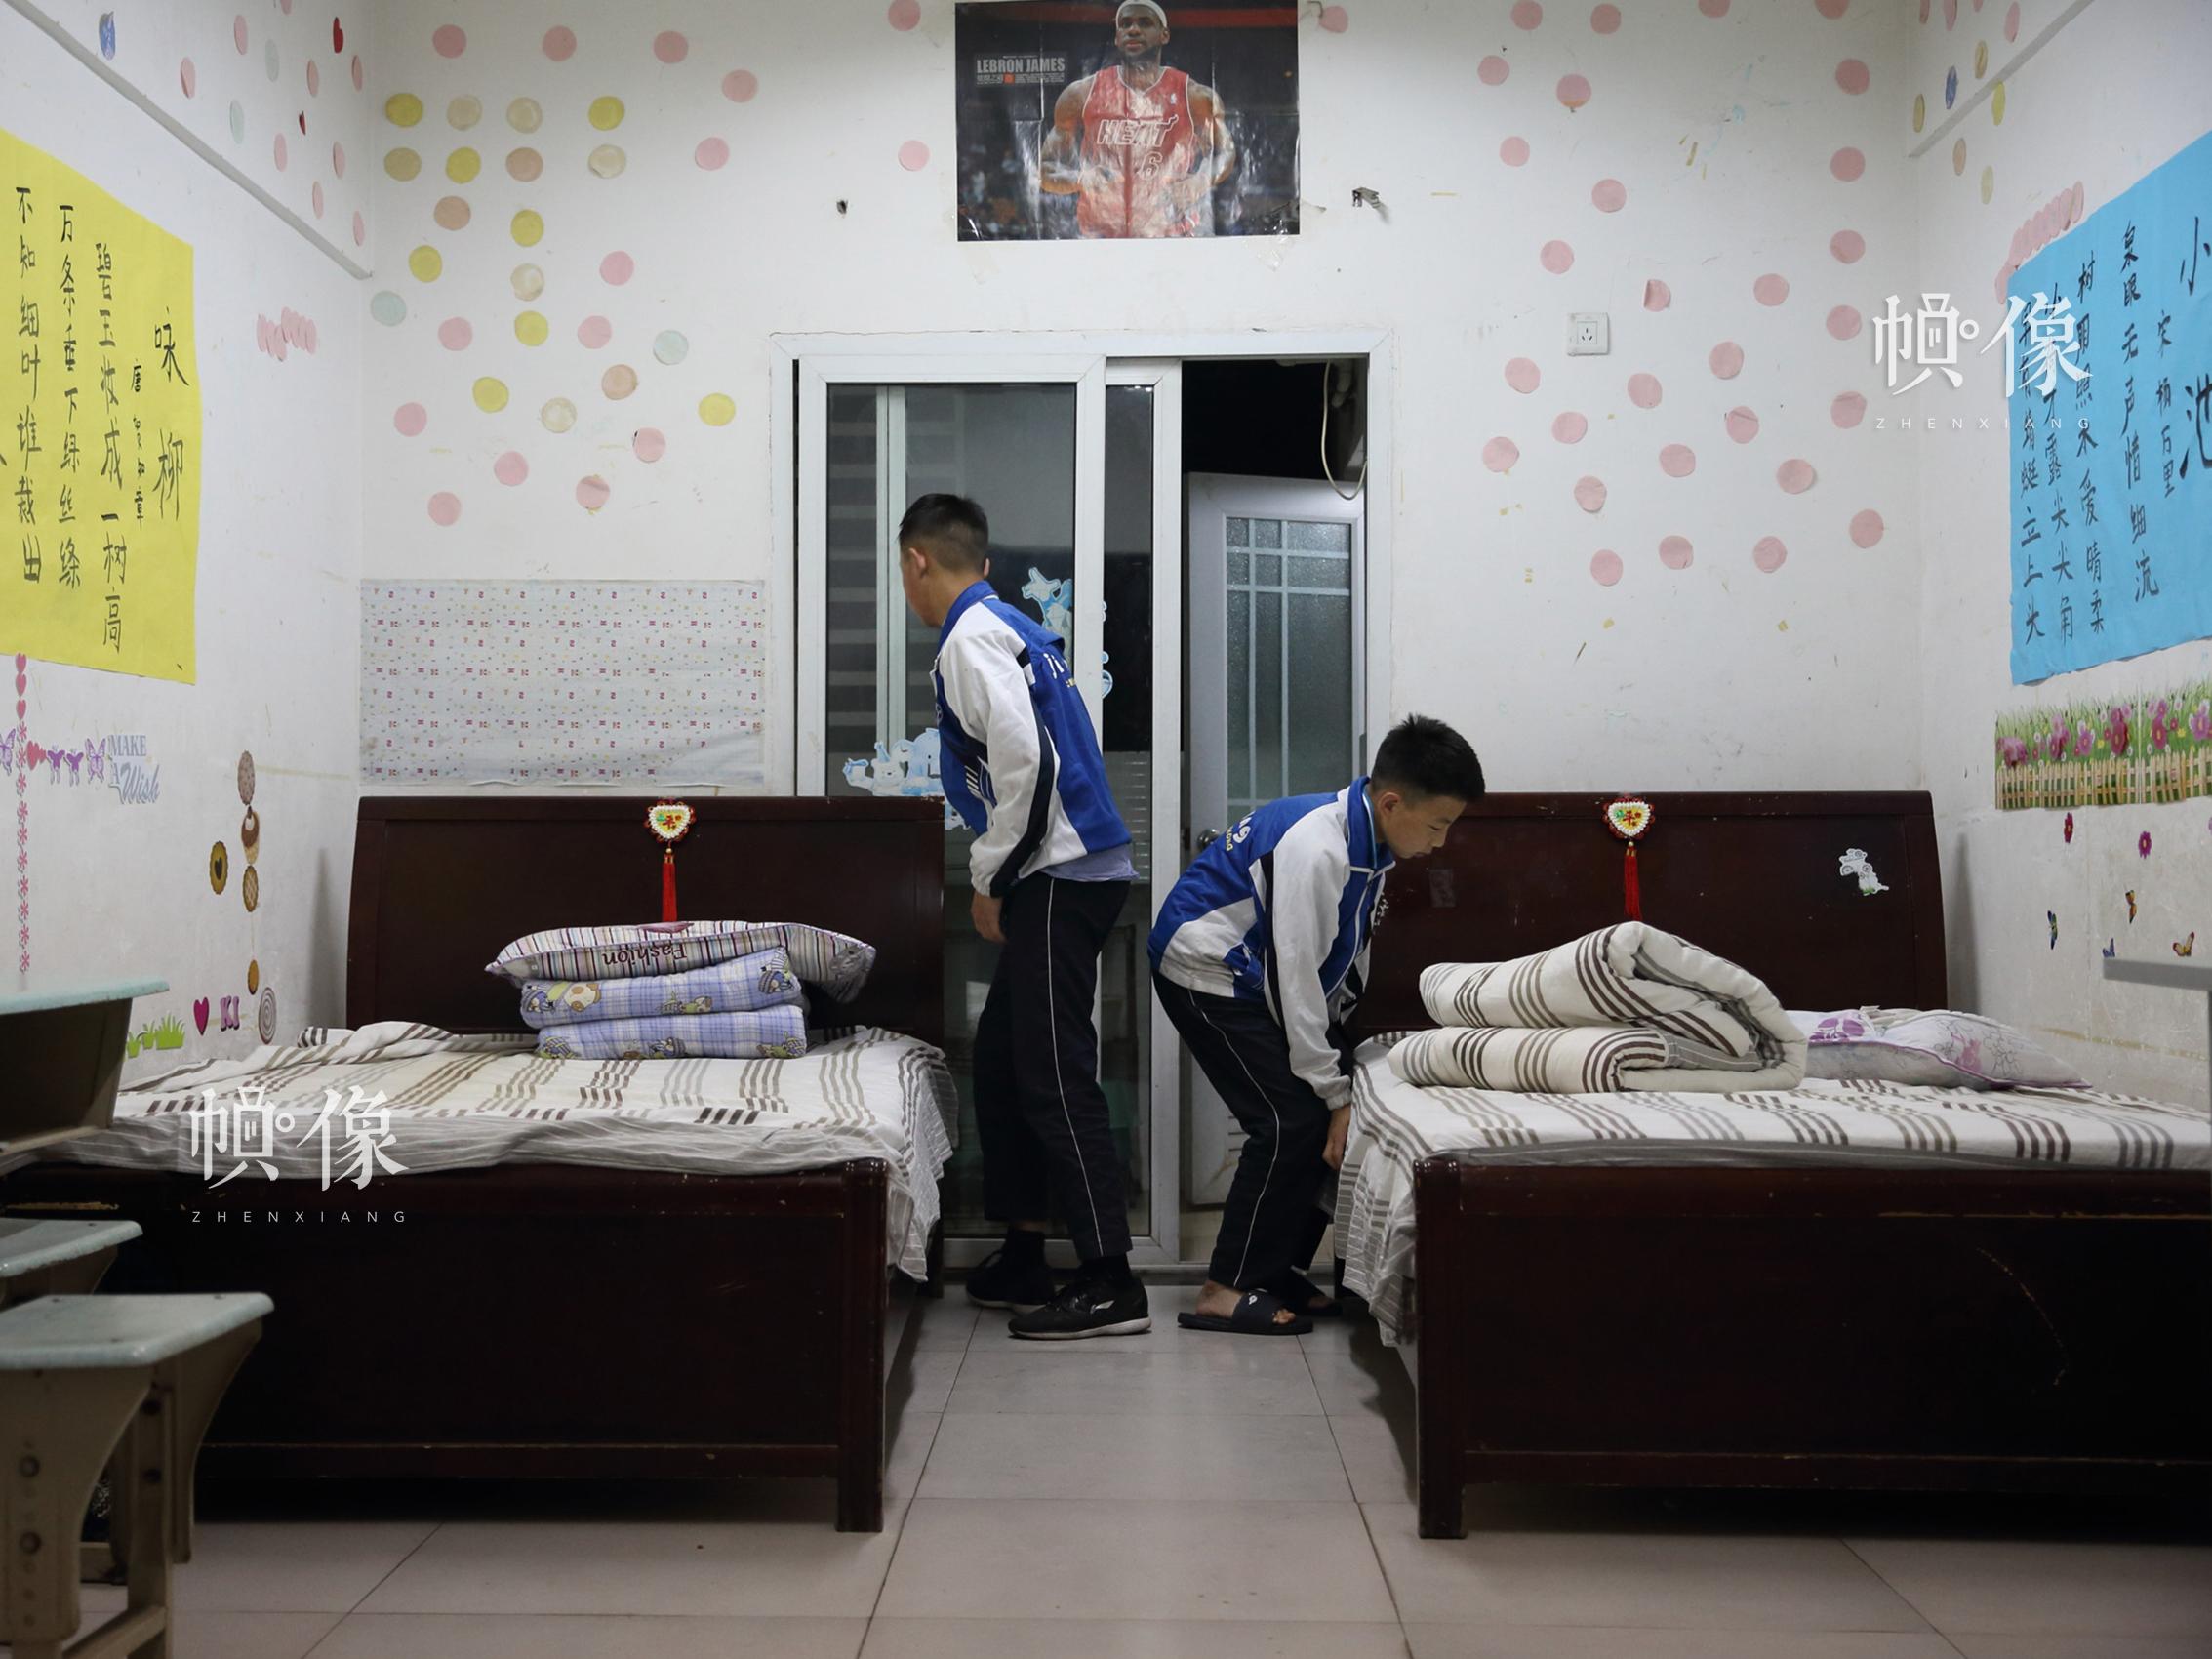 2018年4月,成都双流安康家园,孩子们早上起床后整理各自的床铺。中国网记者 陈维松 摄